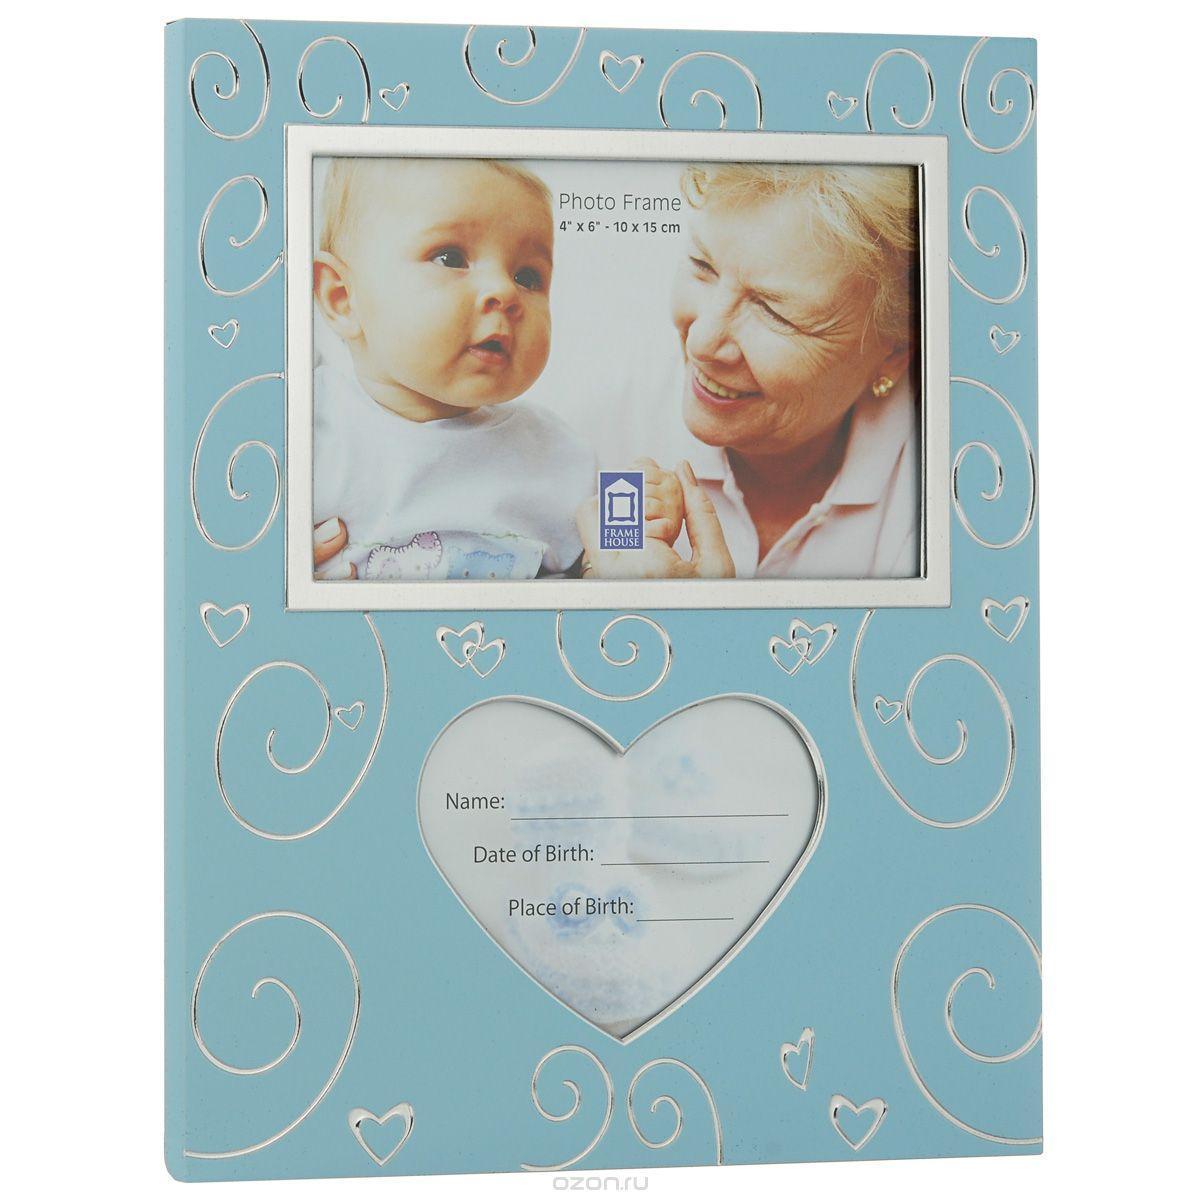 Фоторамка PATA T8715N 10X15 для мальчиковT8715NФоторамка PATA - прекрасный способ красиво оформить фотографию вашего малыша. Фоторамка выполнена из металла, покрытого краской голубого цвета, и украшена красивым рельефом. Внизу расположено поле в виде сердечка для записи имени, даты рождения и места рождения вашего ребенка. Фоторамку можно поставить на стол с помощью специальной ножки или подвесить на стену, для чего с задней стороны предусмотрены отверстия. Такая фоторамка поможет сохранить на память самые яркие моменты вашей жизни, а стильный дизайн сделает ее прекрасным дополнением интерьера комнаты.